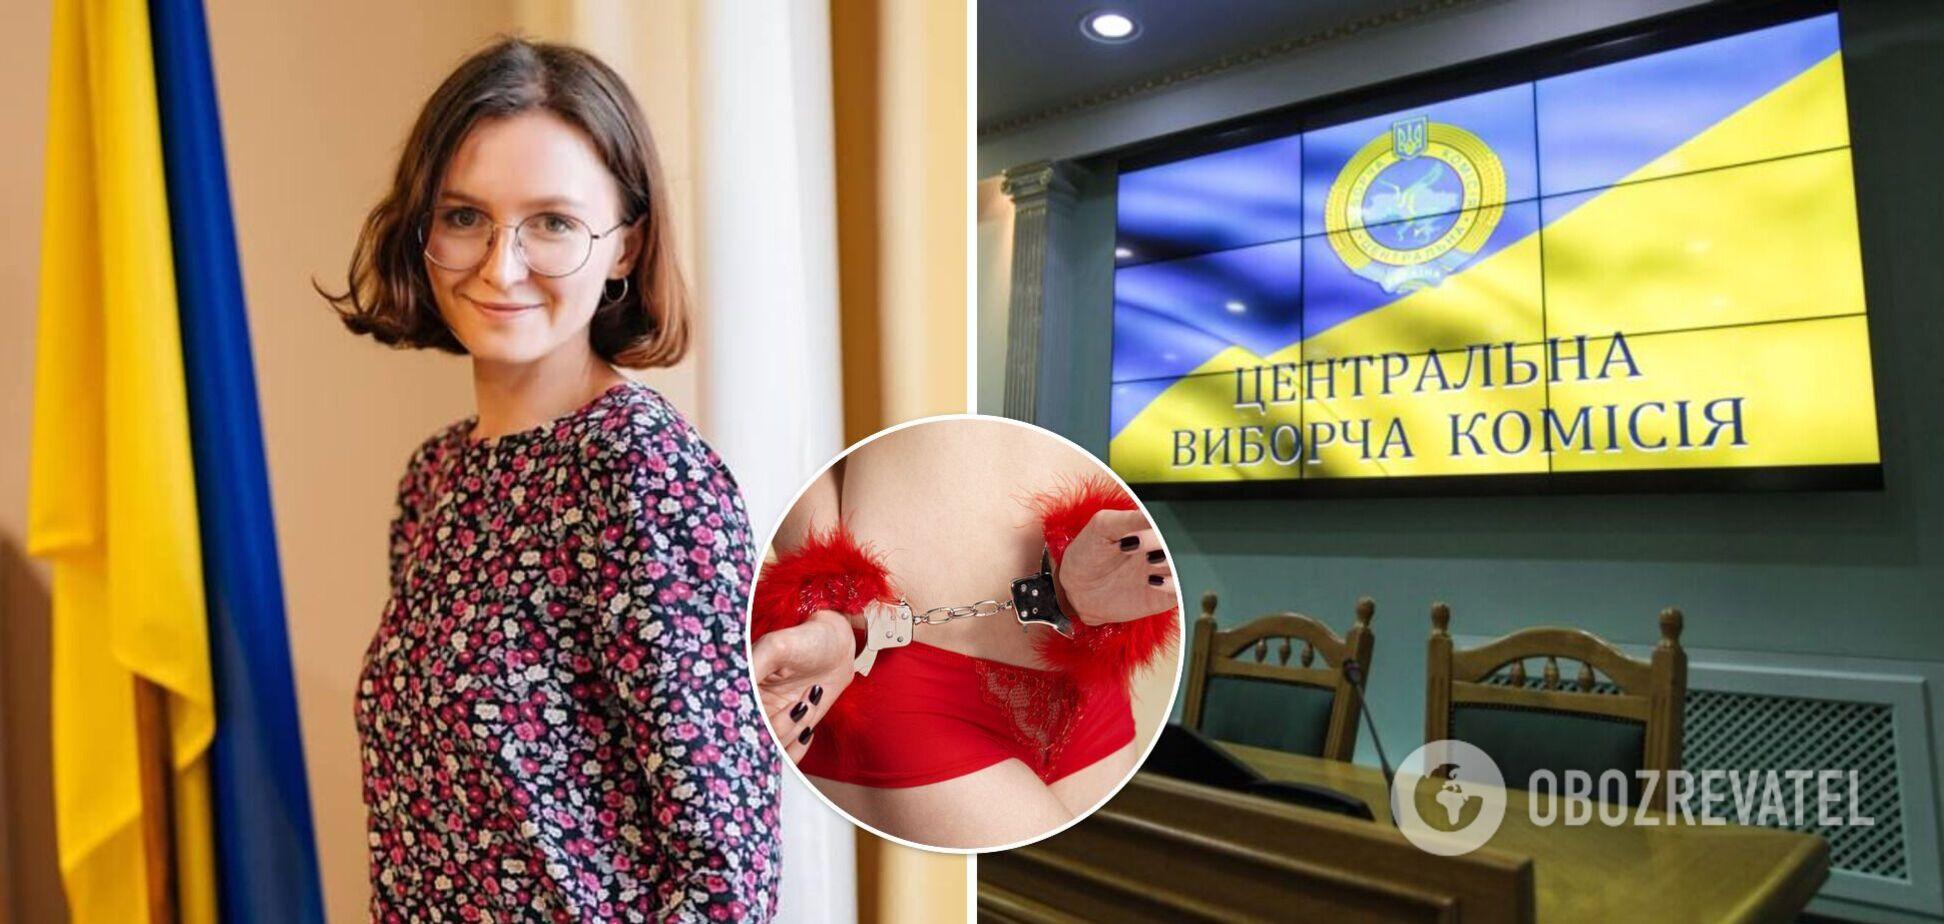 Помощница главы ЦИК уволилась после травли в сети из-за поста о вибраторе